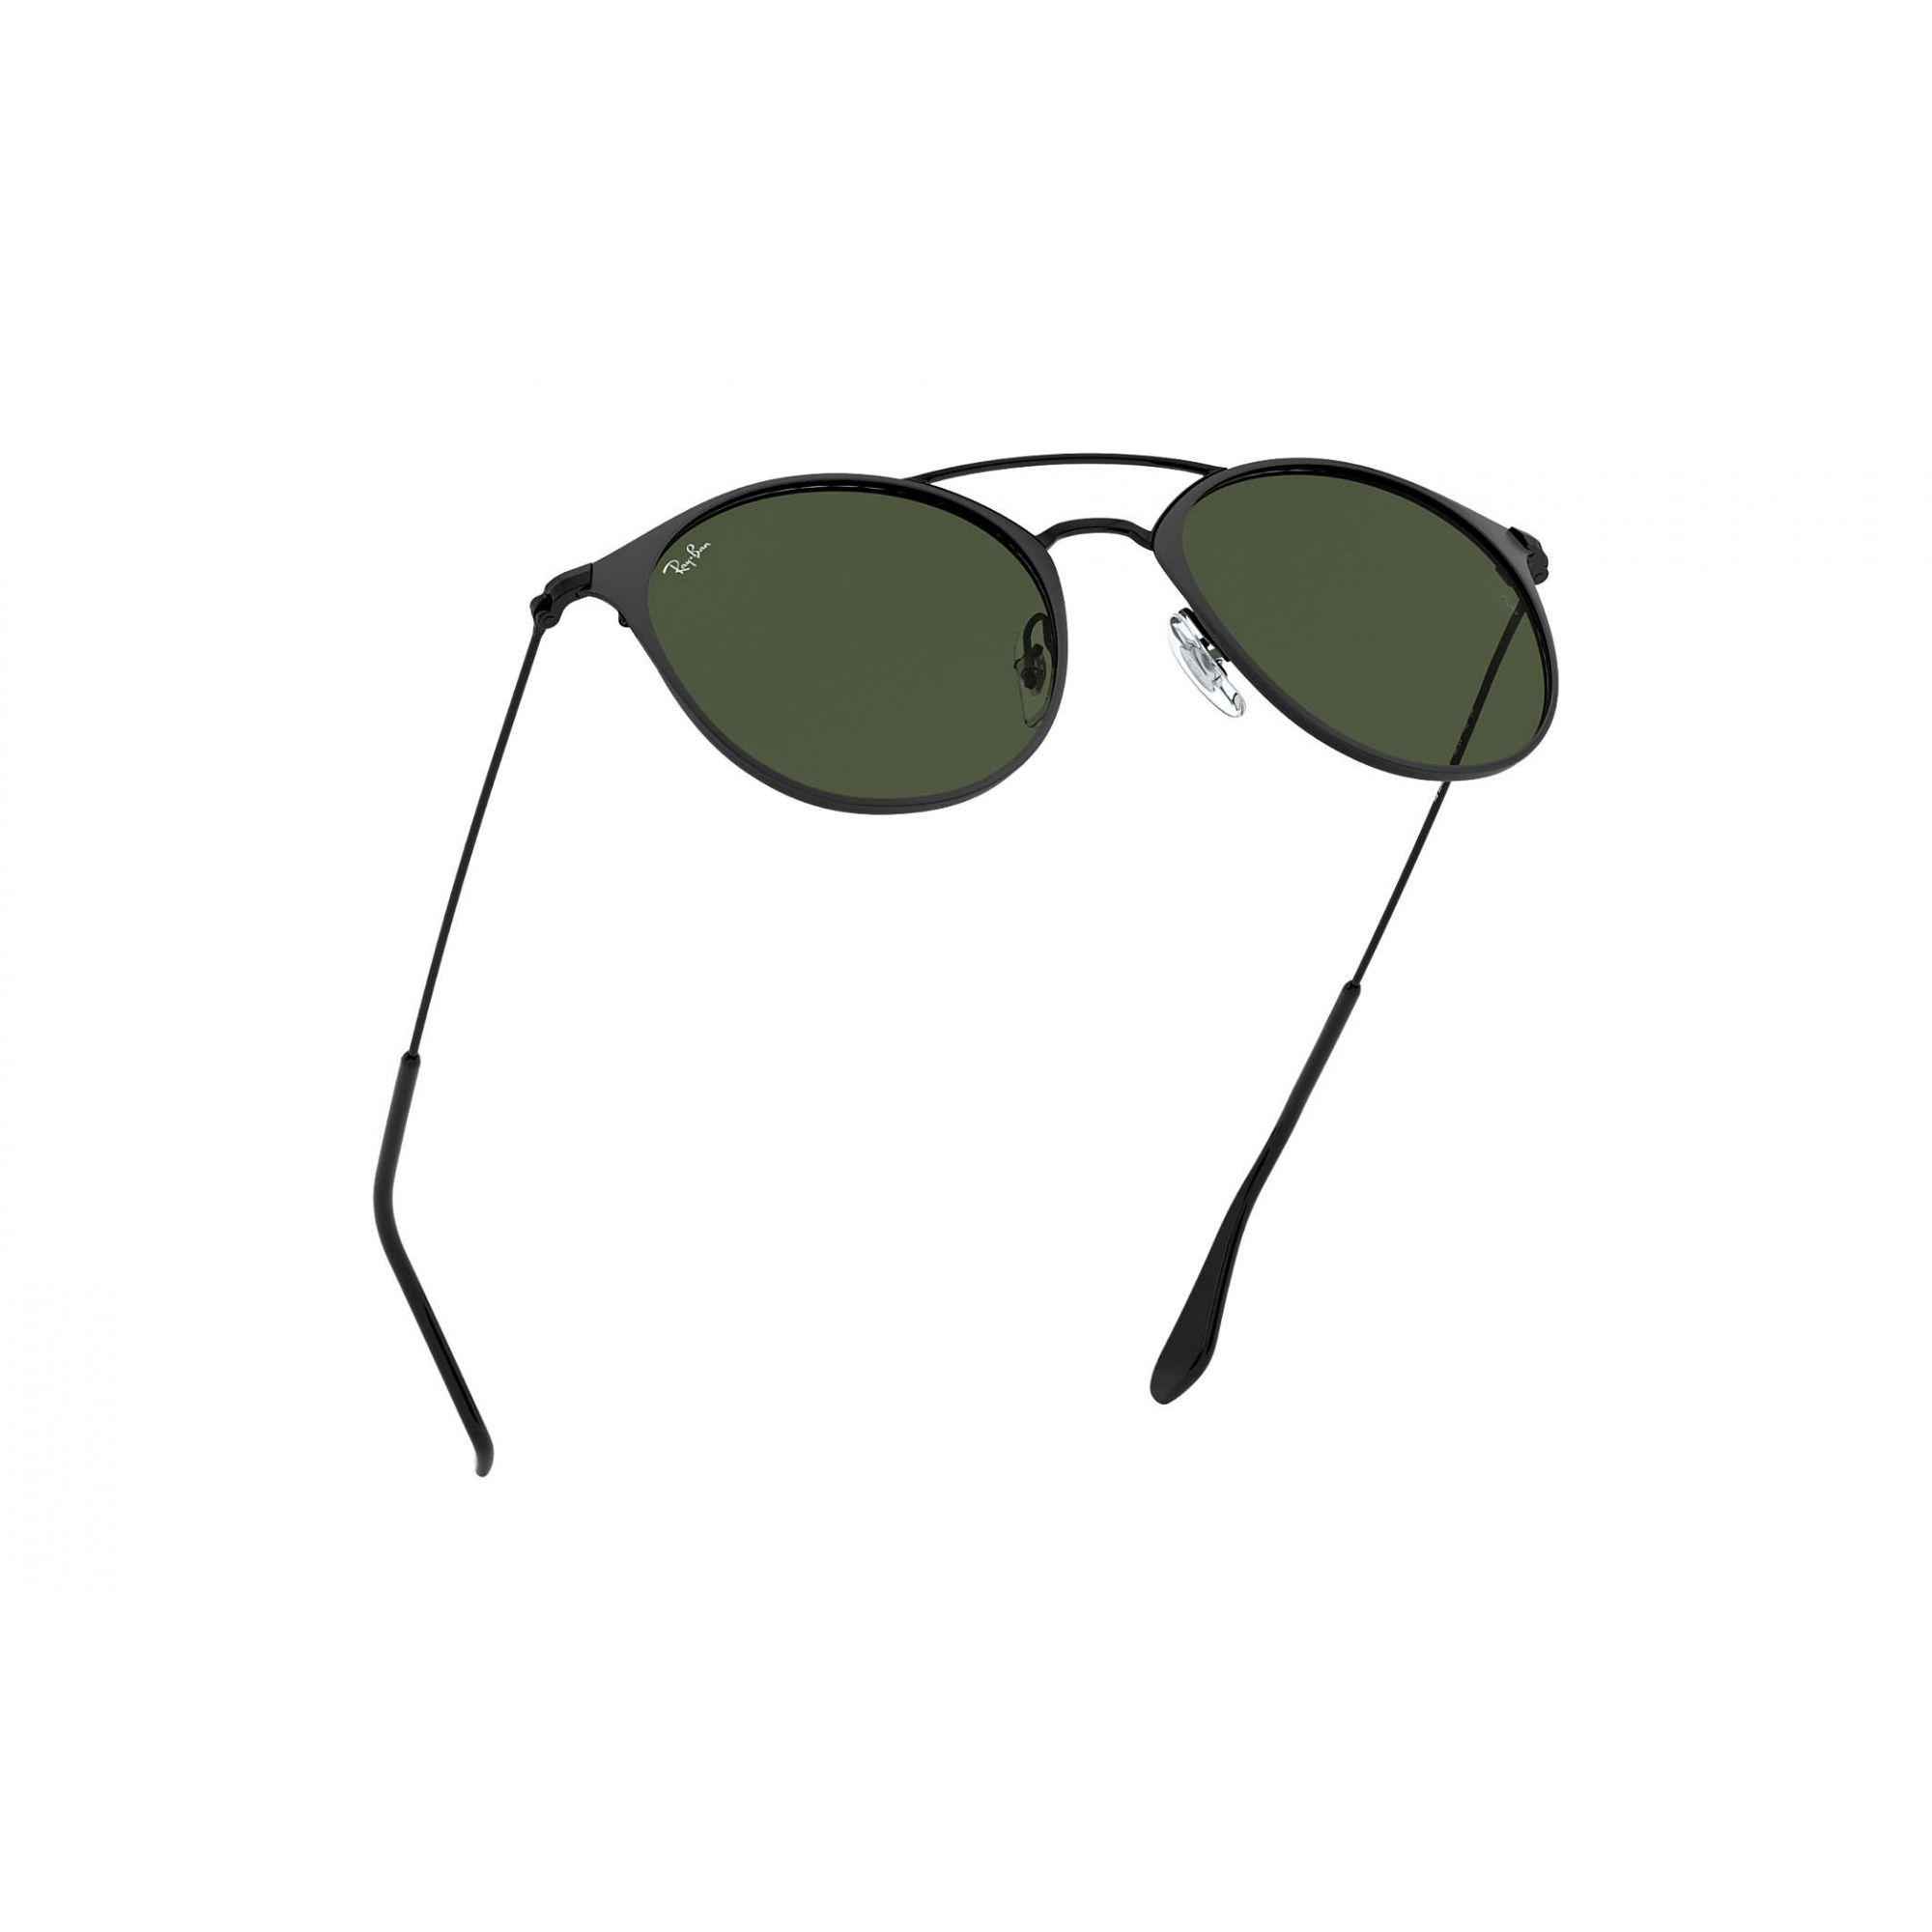 Ray Ban - RB3546 186 - Óculos de sol